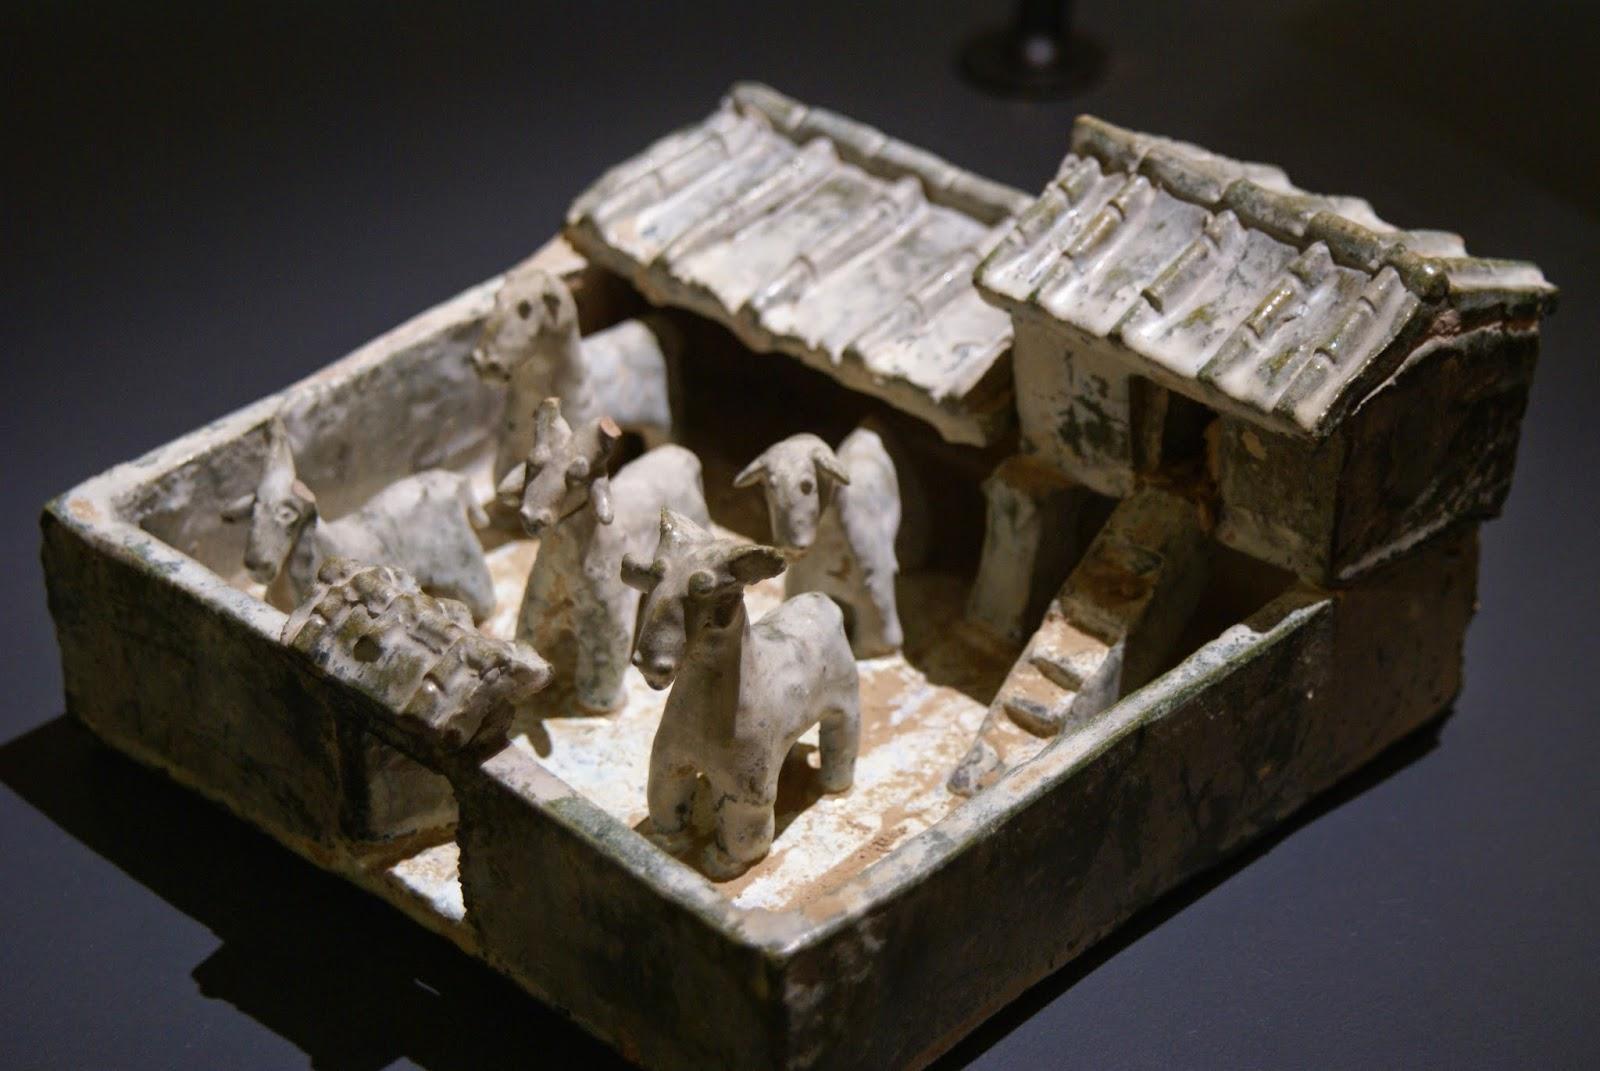 Splendeurs des Han Essor de l'empire celeste exposition musee Guimet